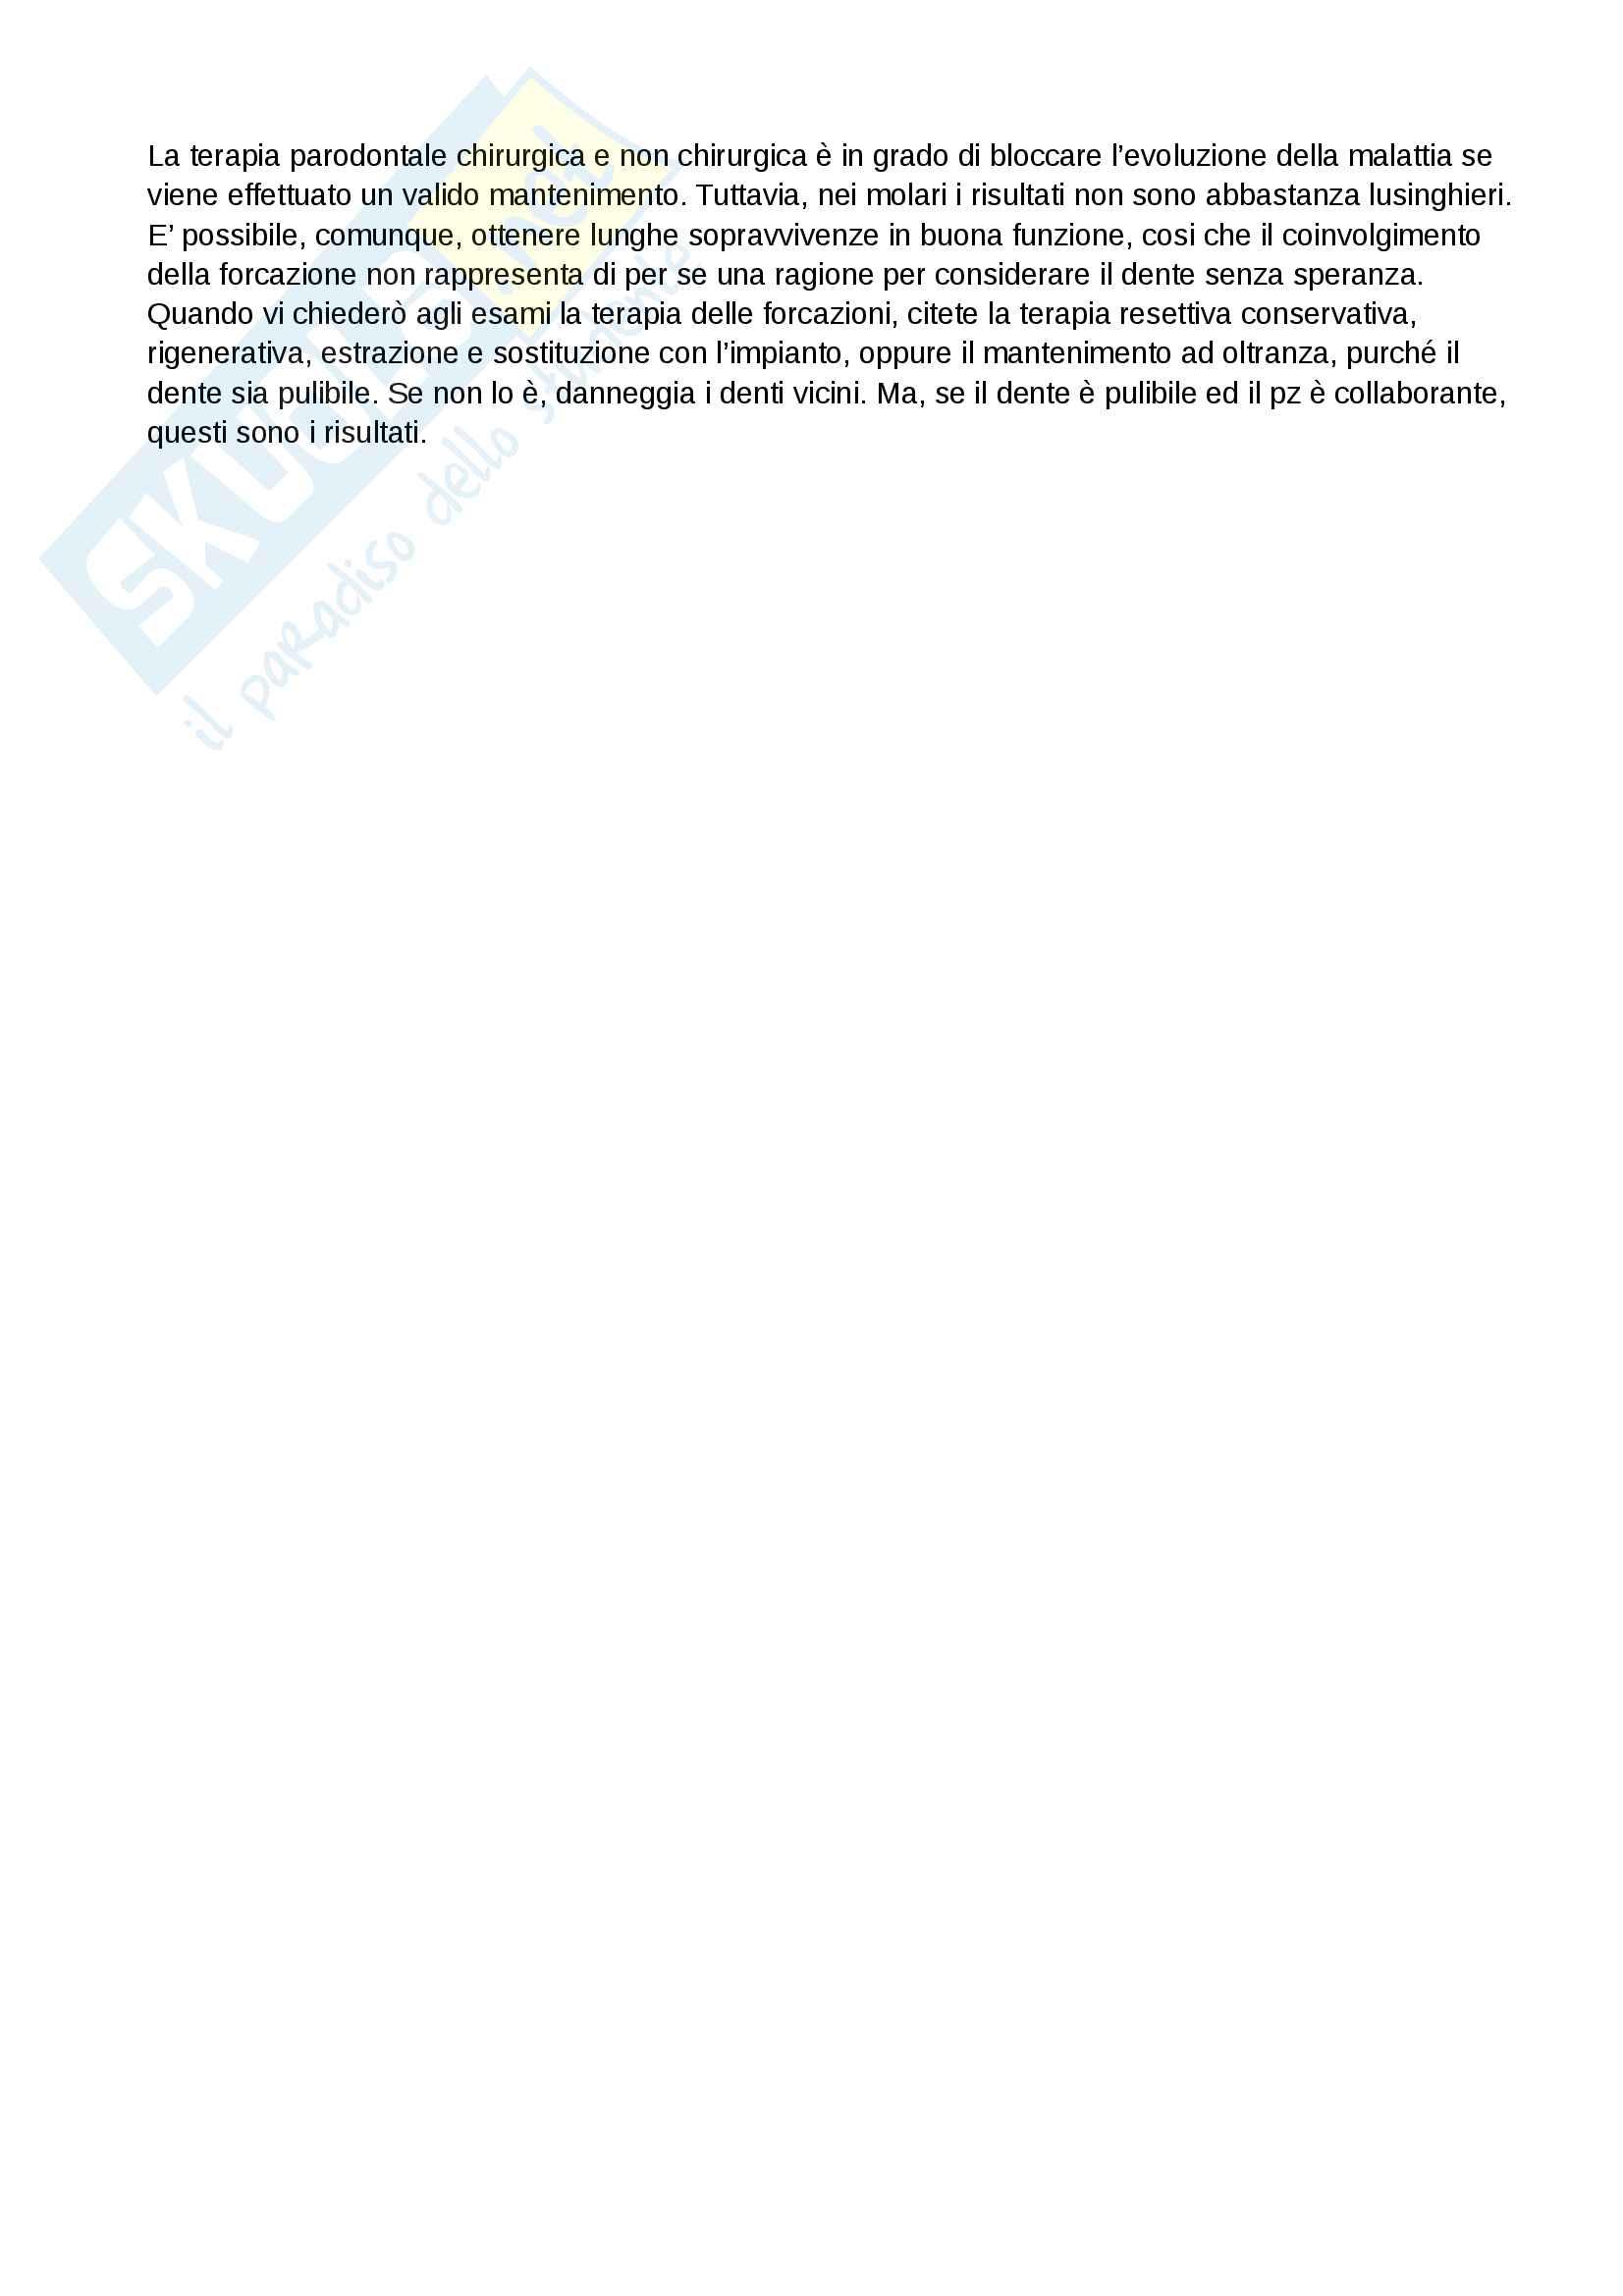 Lesioni delle forcazioni Pag. 16